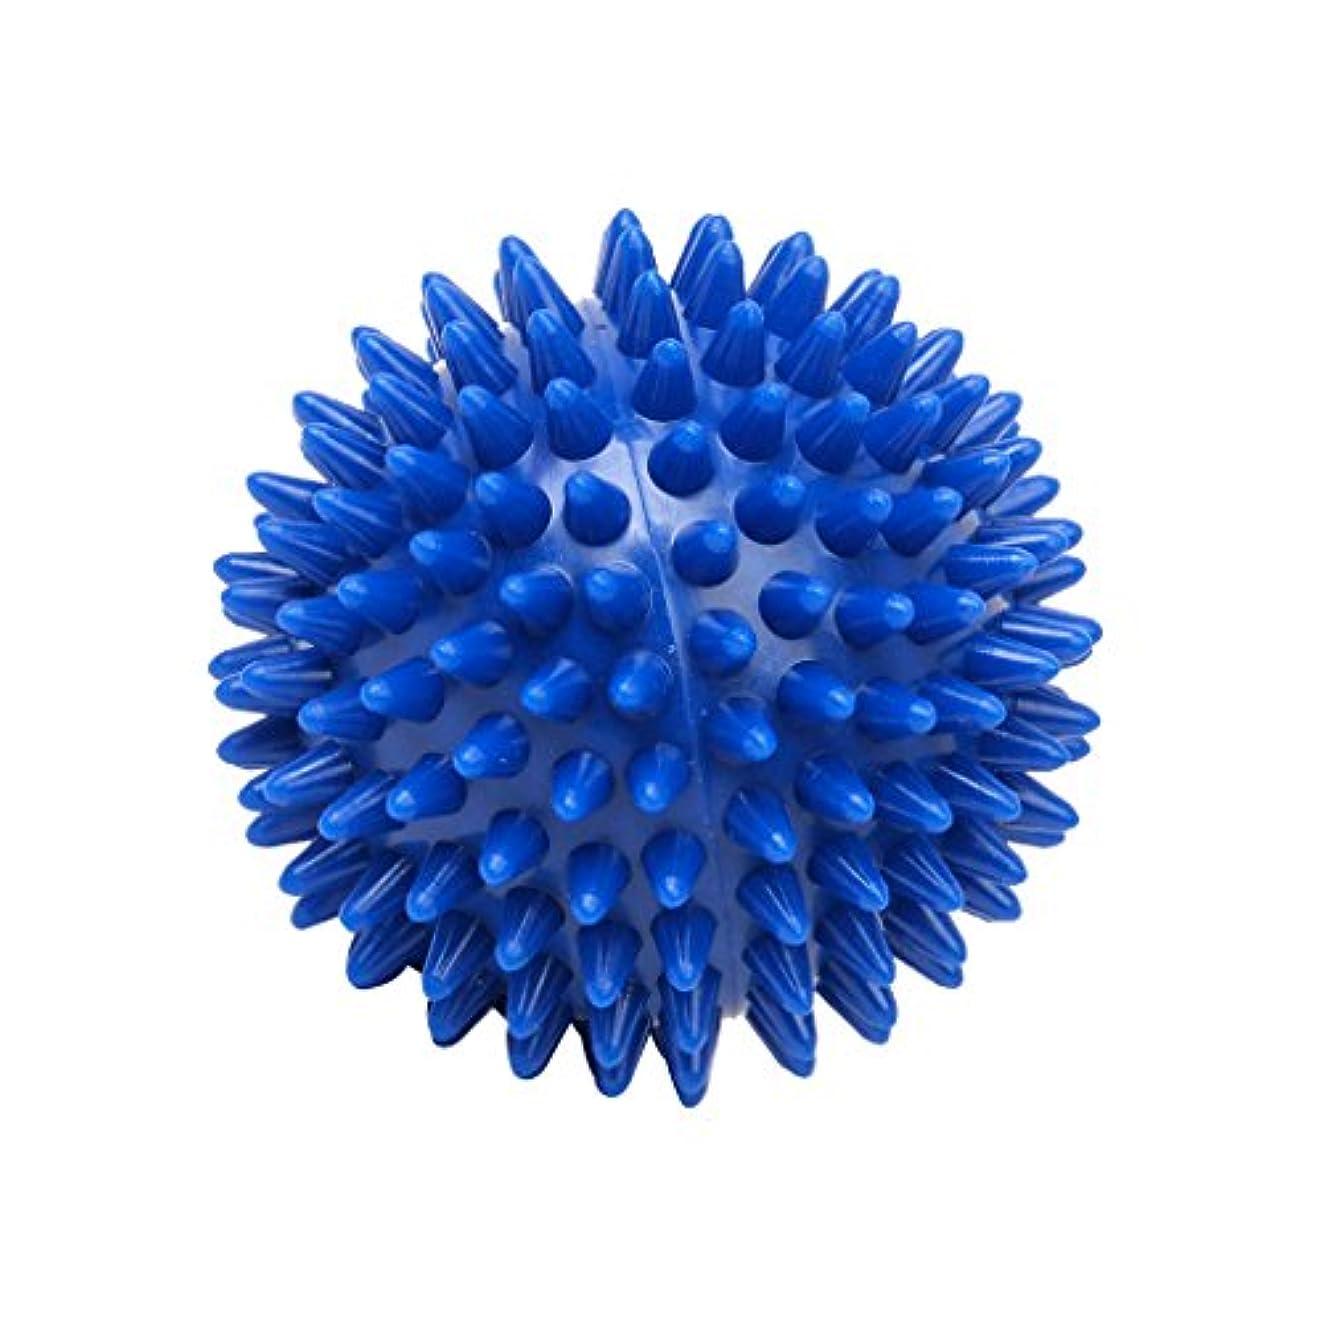 化学具体的にリークFootful マッサージボール 健康グッズ 健康器具 血液循環促進 緊張緩和 7cm ブルー